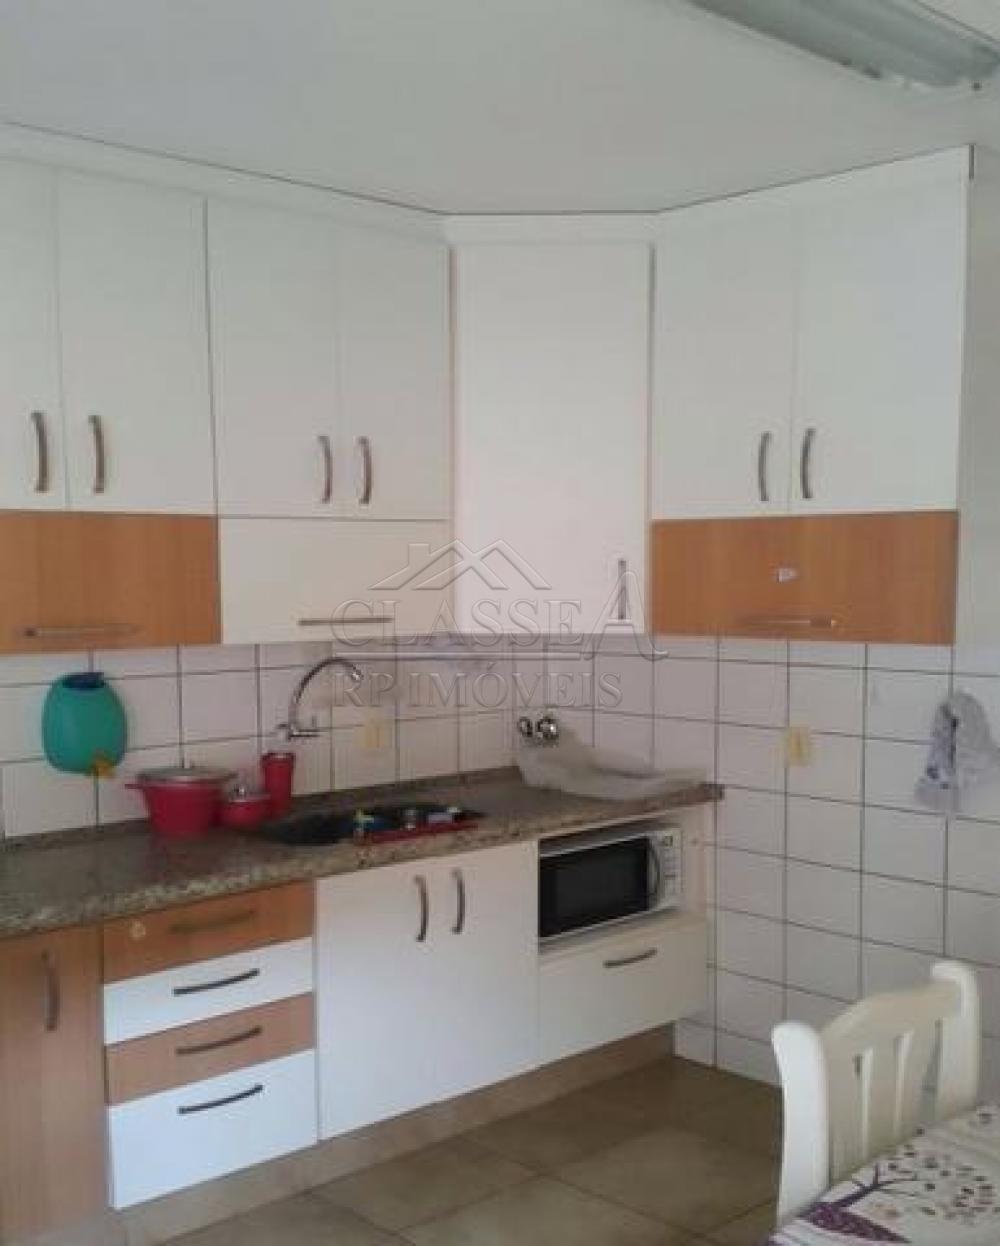 Comprar Casa / Condomínio - sobrado em Ribeirão Preto apenas R$ 340.000,00 - Foto 14